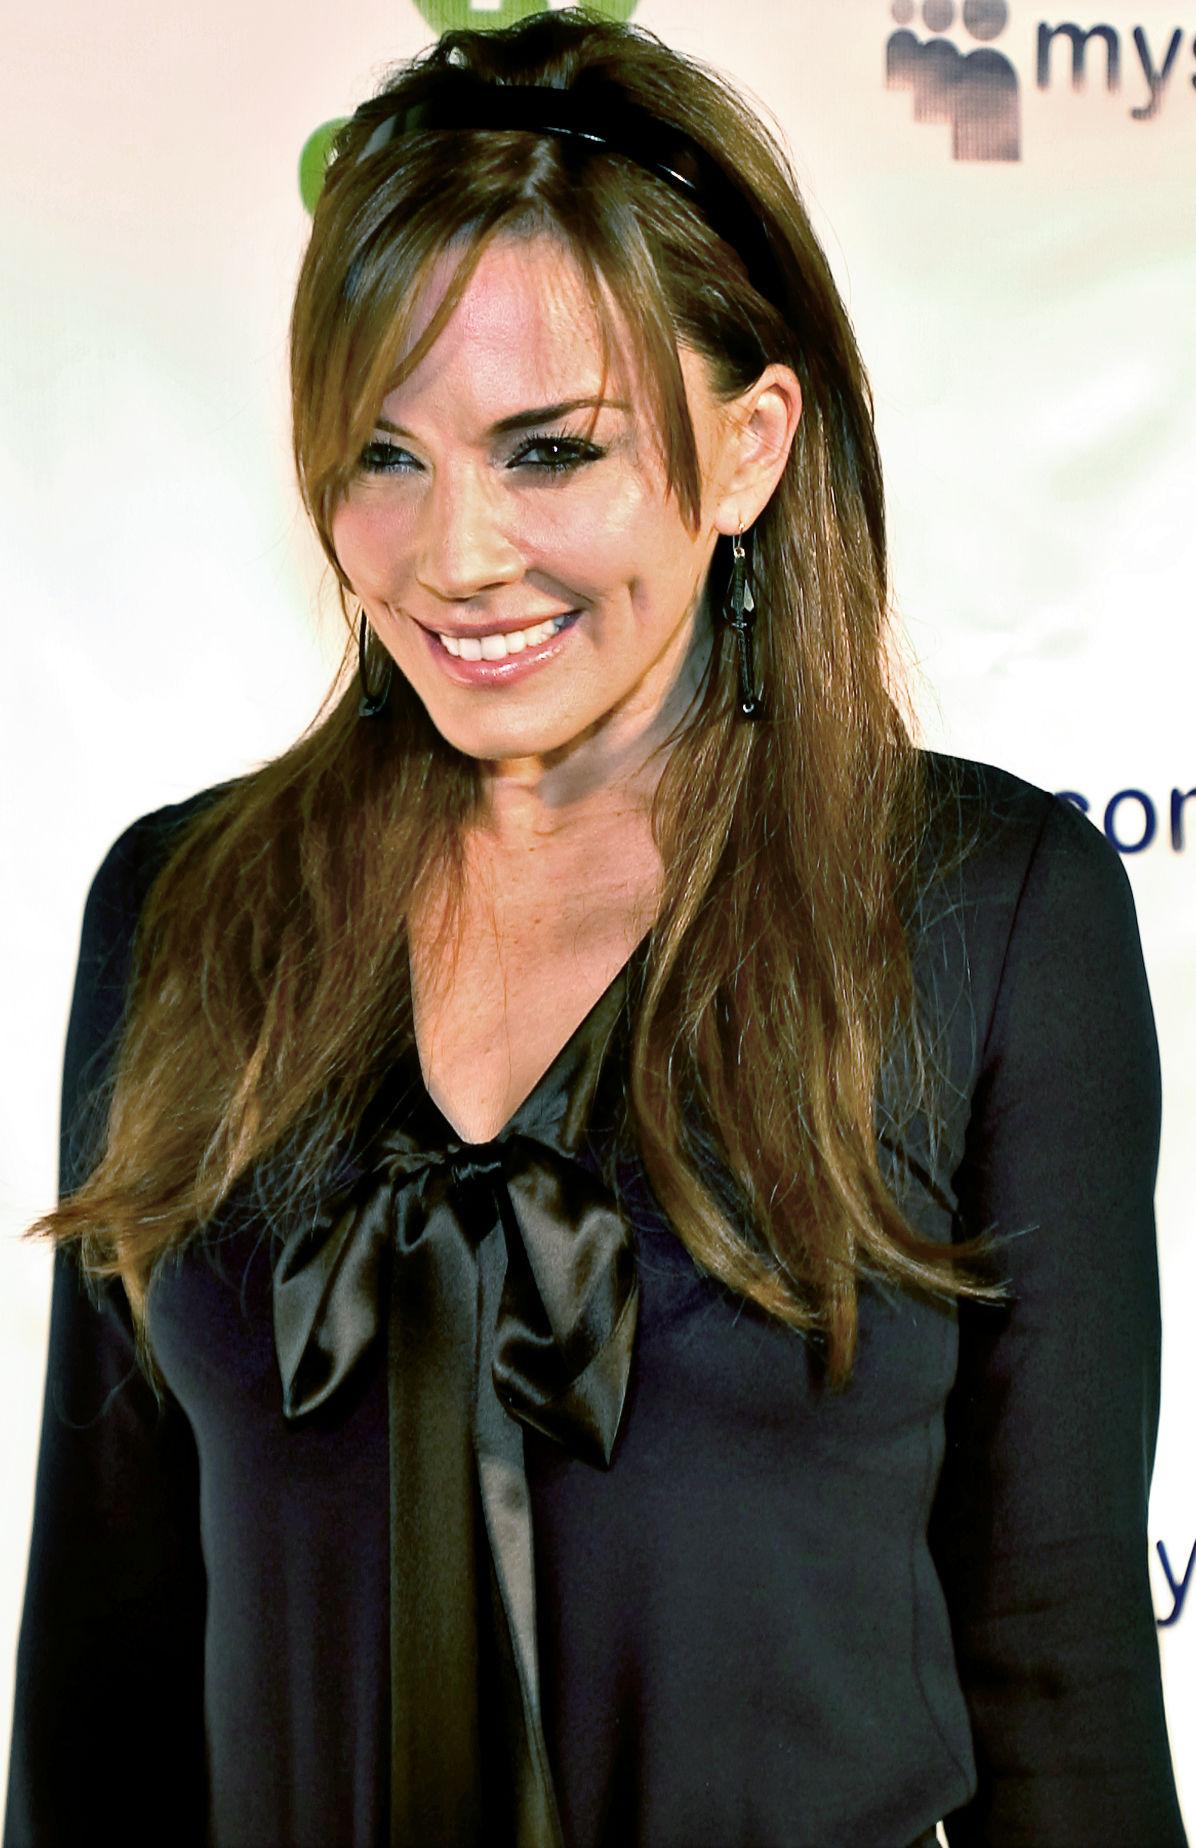 Photo of Krista Allen: Actress